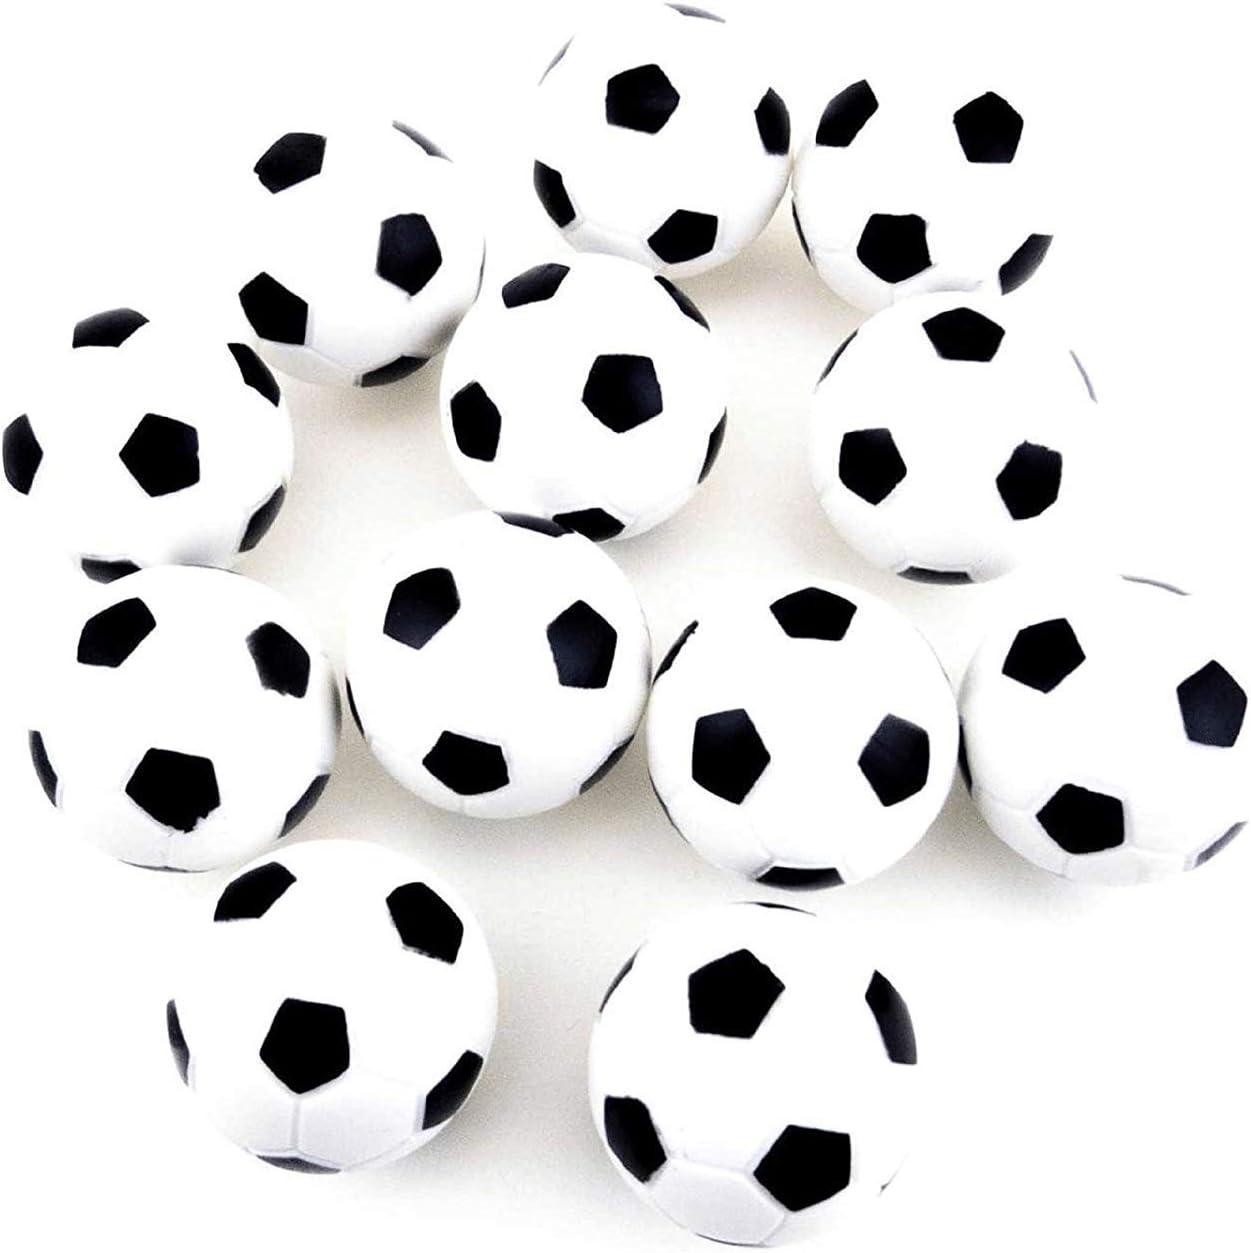 MINGZE 12 Piezas de fútbol de Mesa, Bolas de Repuesto para futbolín, Bolas de reemplazo de futbolín de Mesa de 36 mm, Juego de Bolas de fútbol de Mesa Blanco y Negro